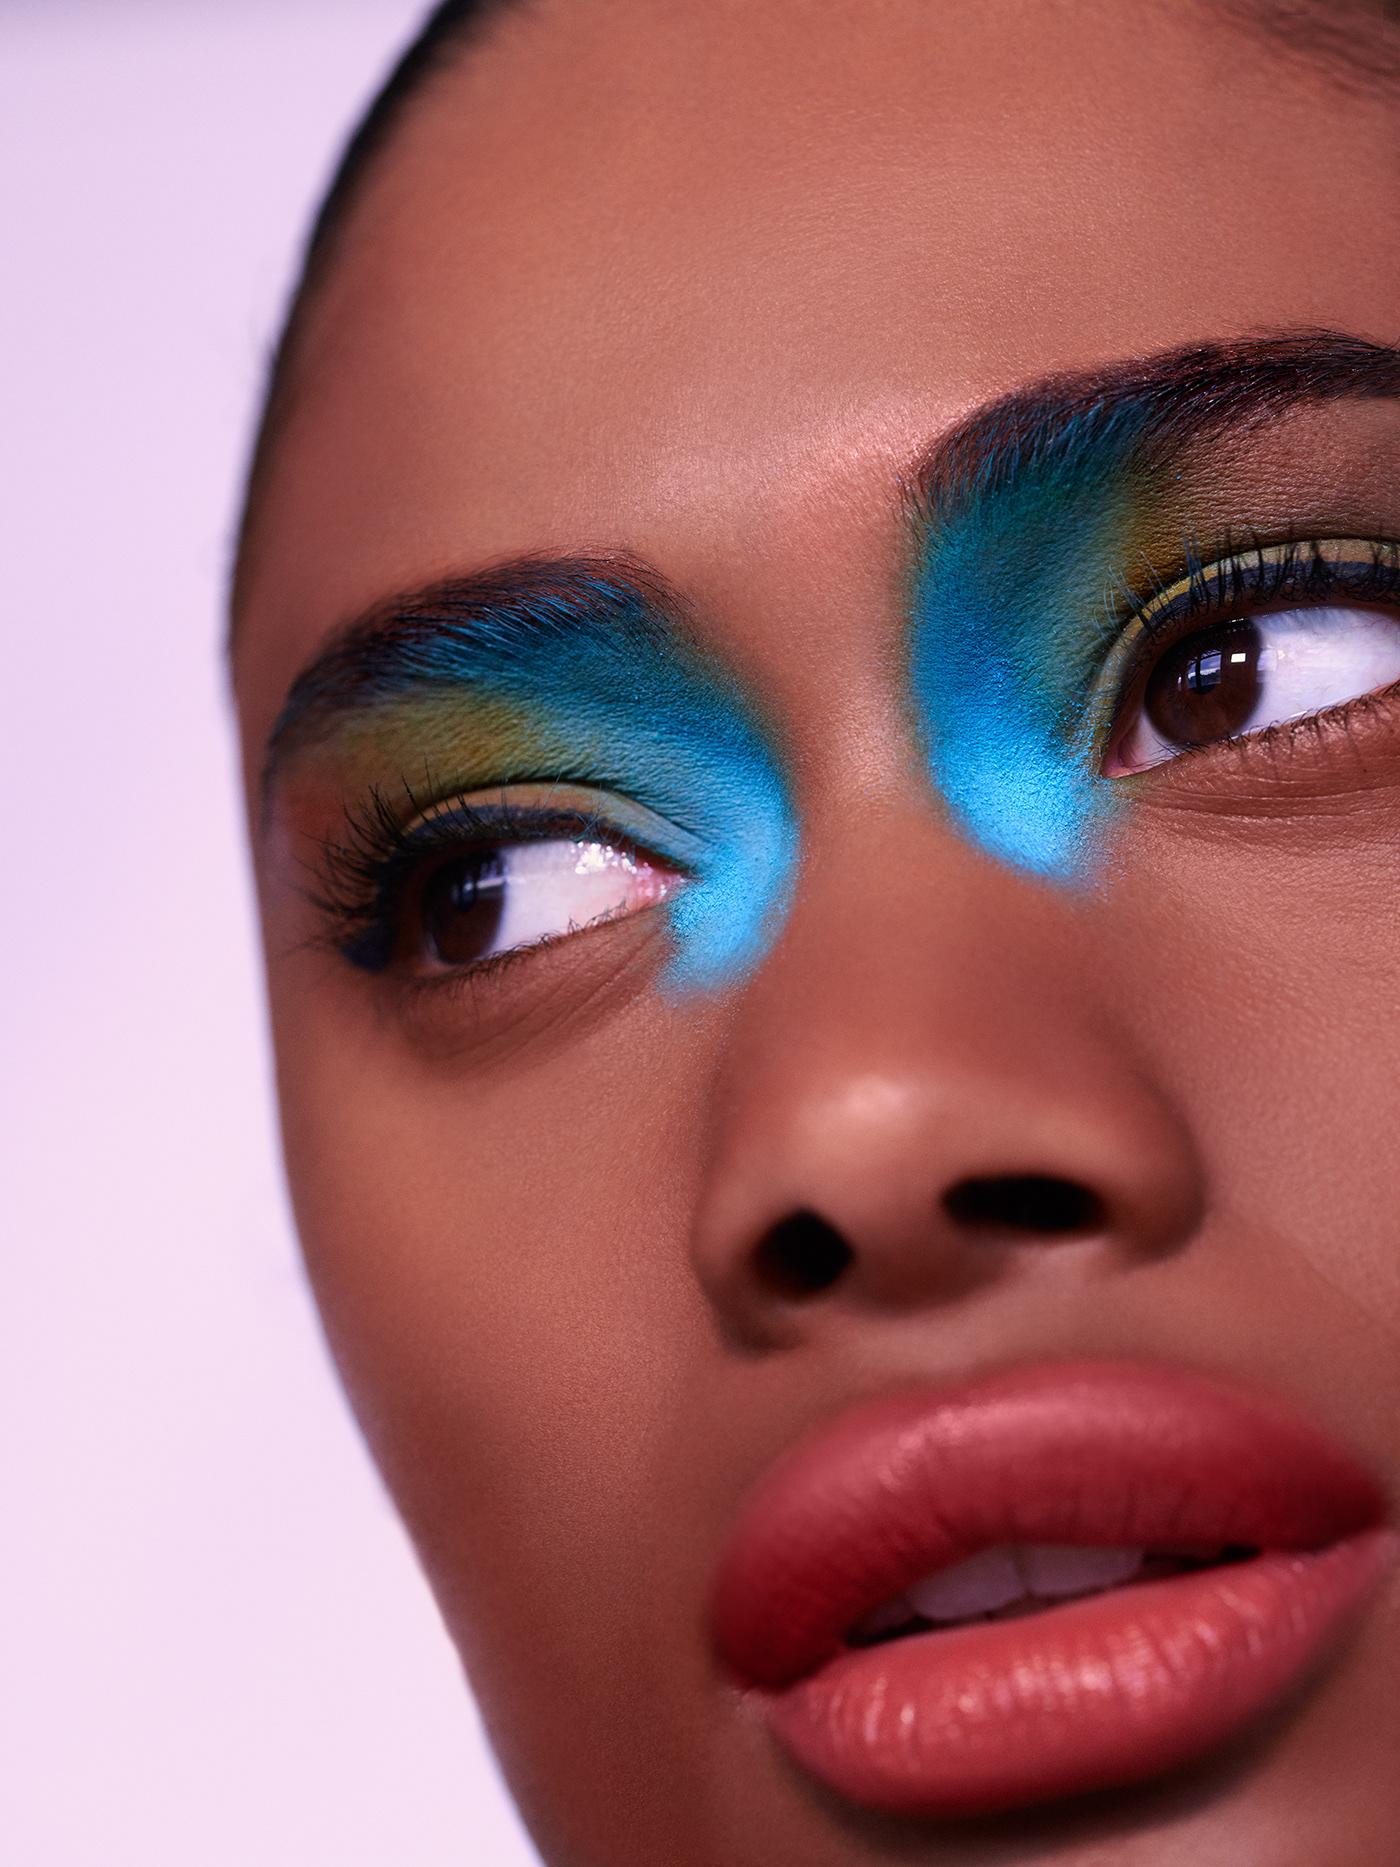 beauty Editing  editorial Fashion  magazine Photoretouch retouching